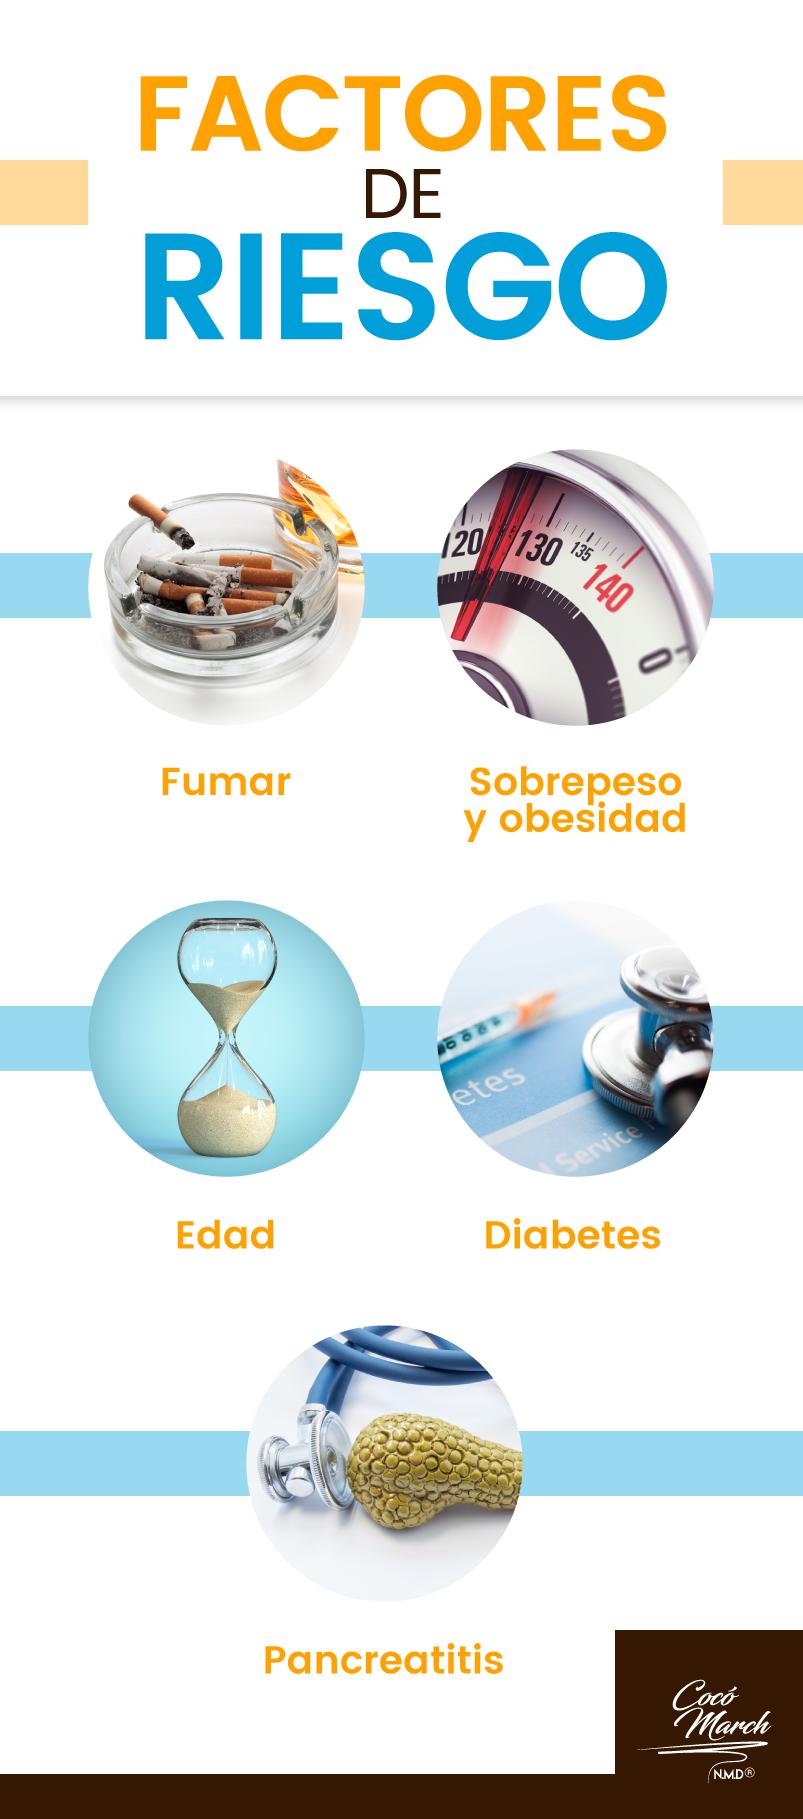 factores-de-riesgo-cancer-de-pancreas